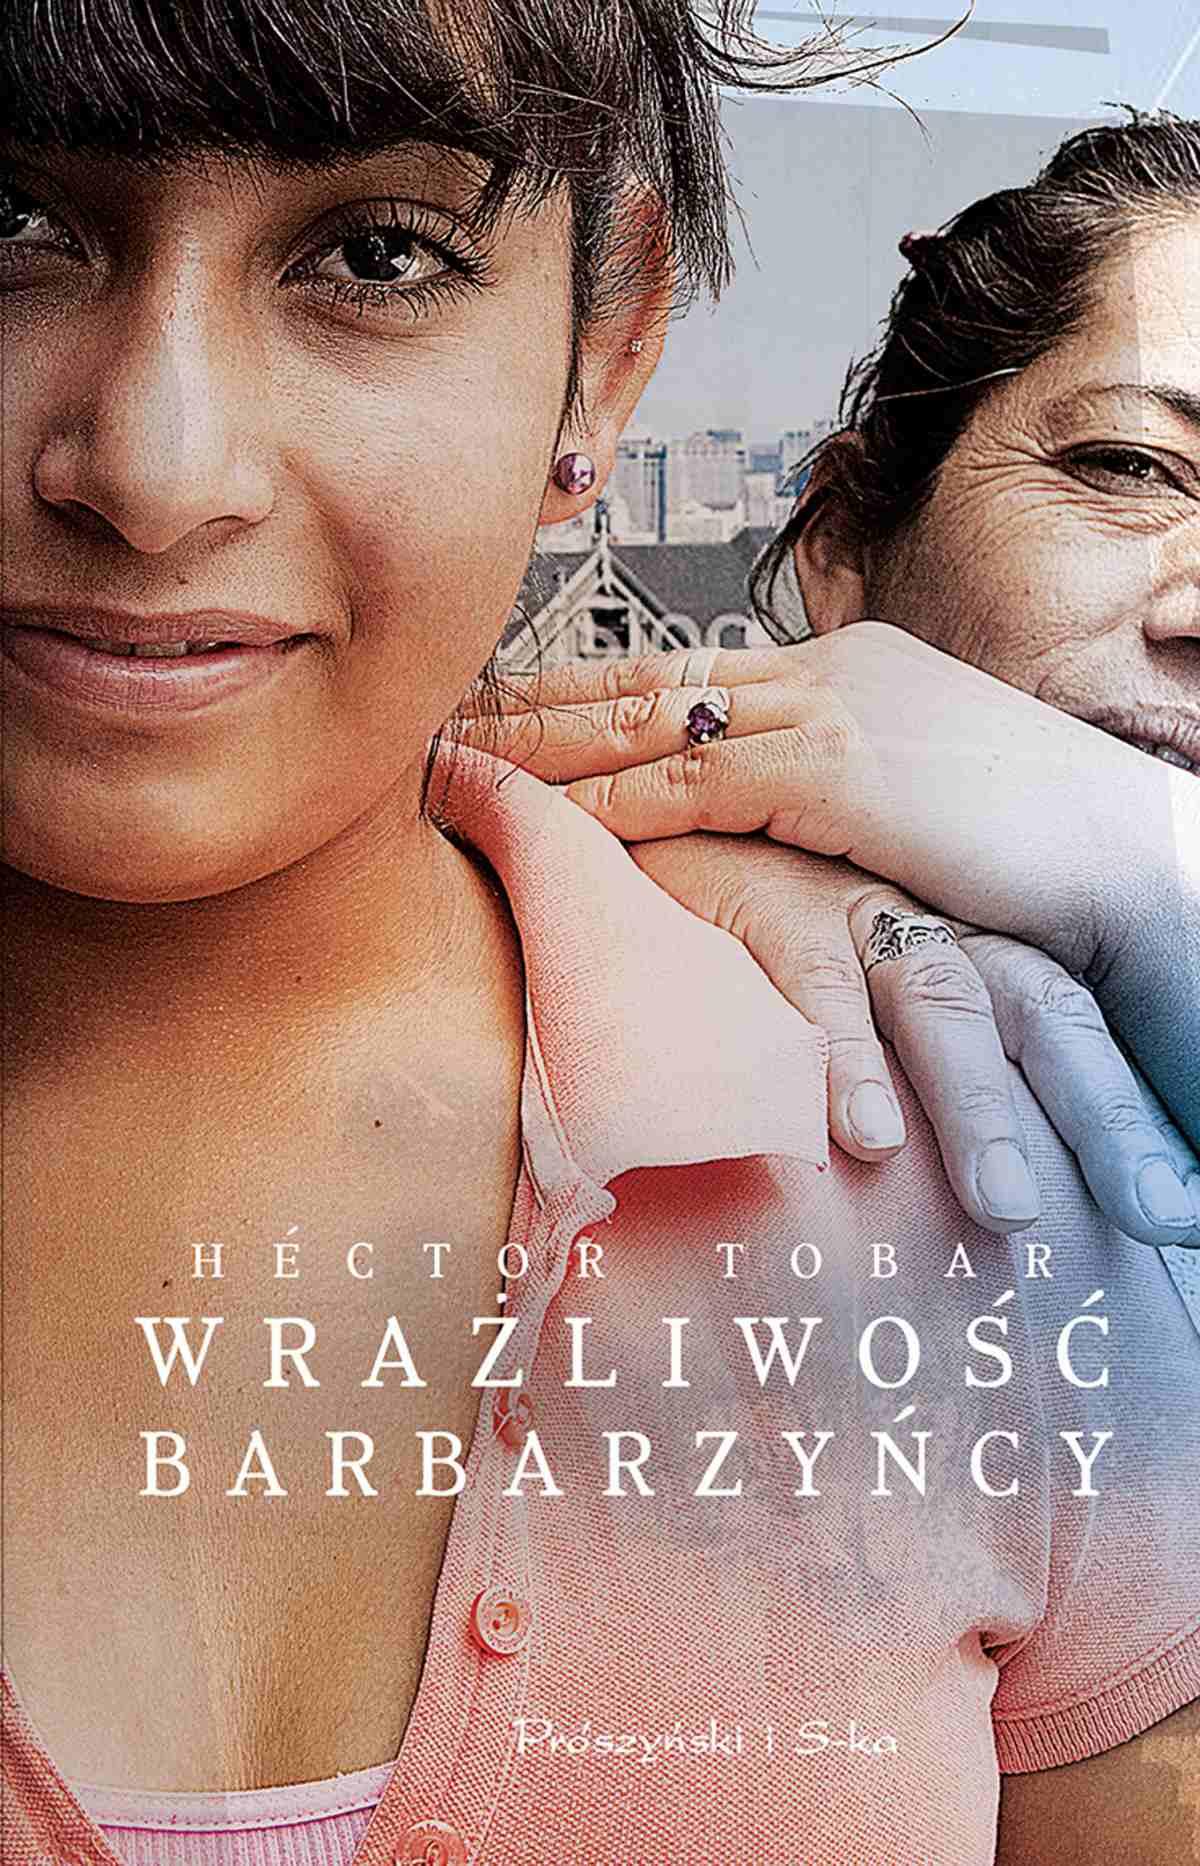 Wrażliwość barbarzyńcy - Ebook (Książka na Kindle) do pobrania w formacie MOBI